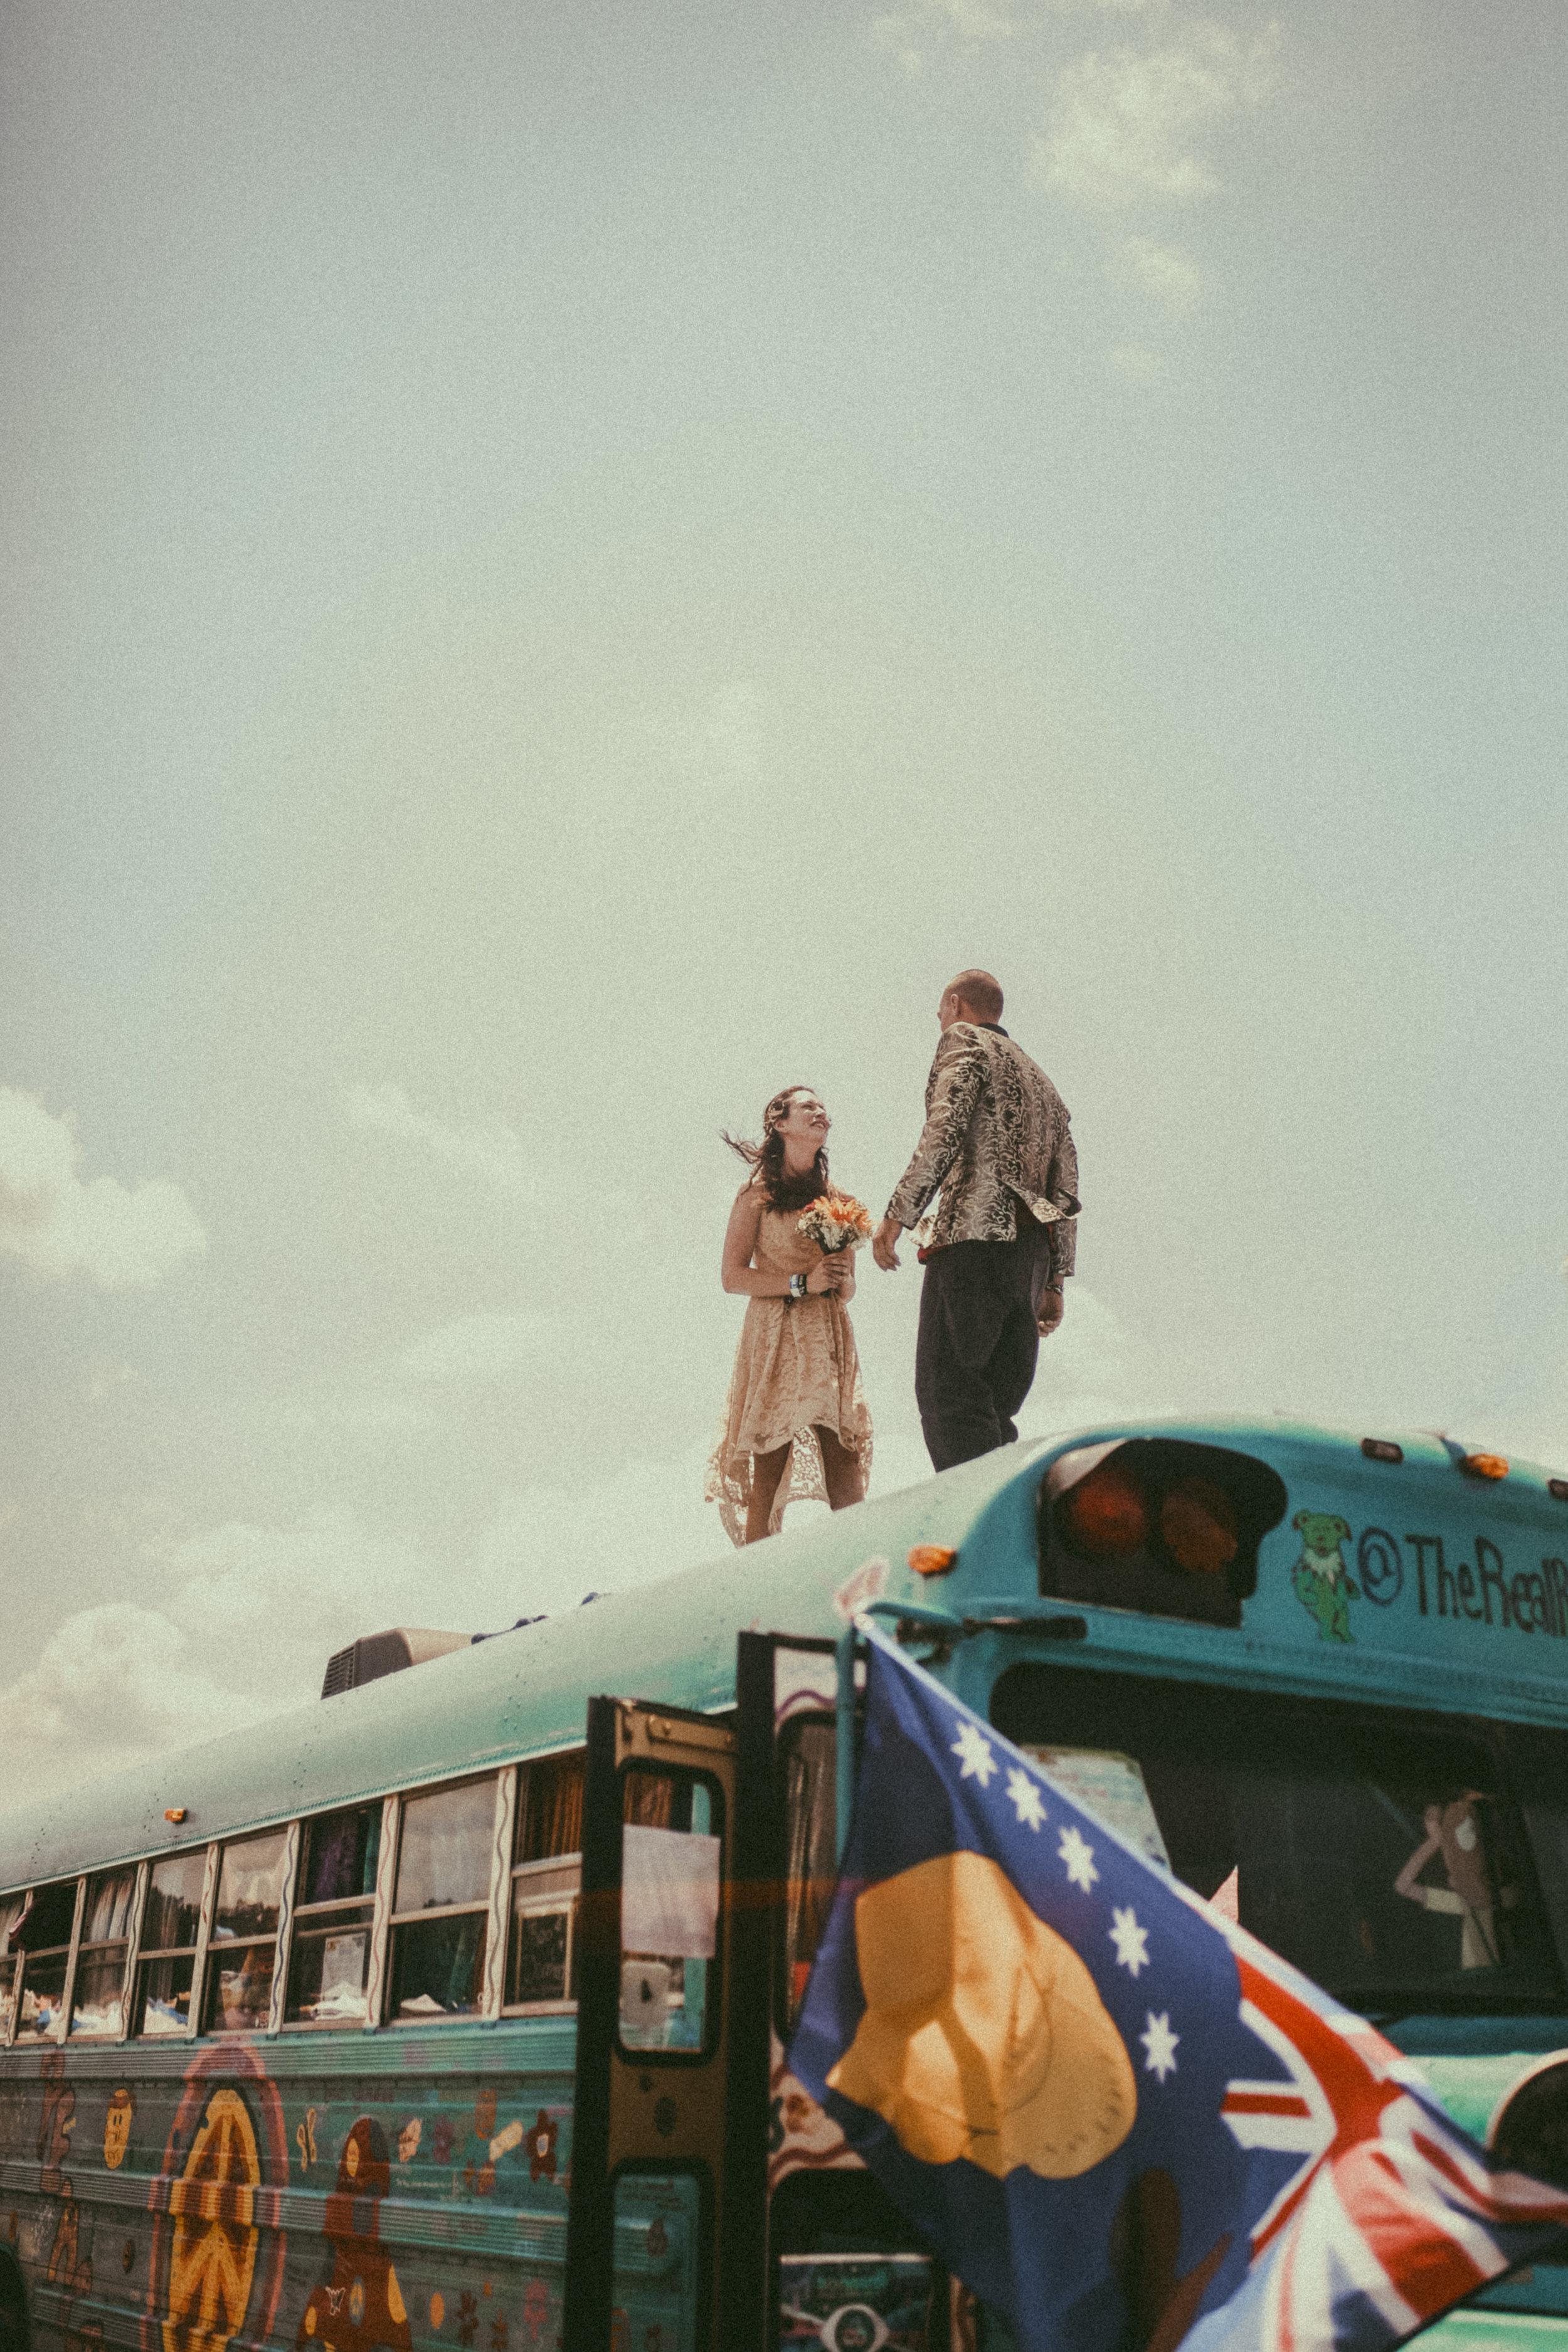 Bonnaroo-MusicFestivalWedding-Brittany&Kevin-16.jpg